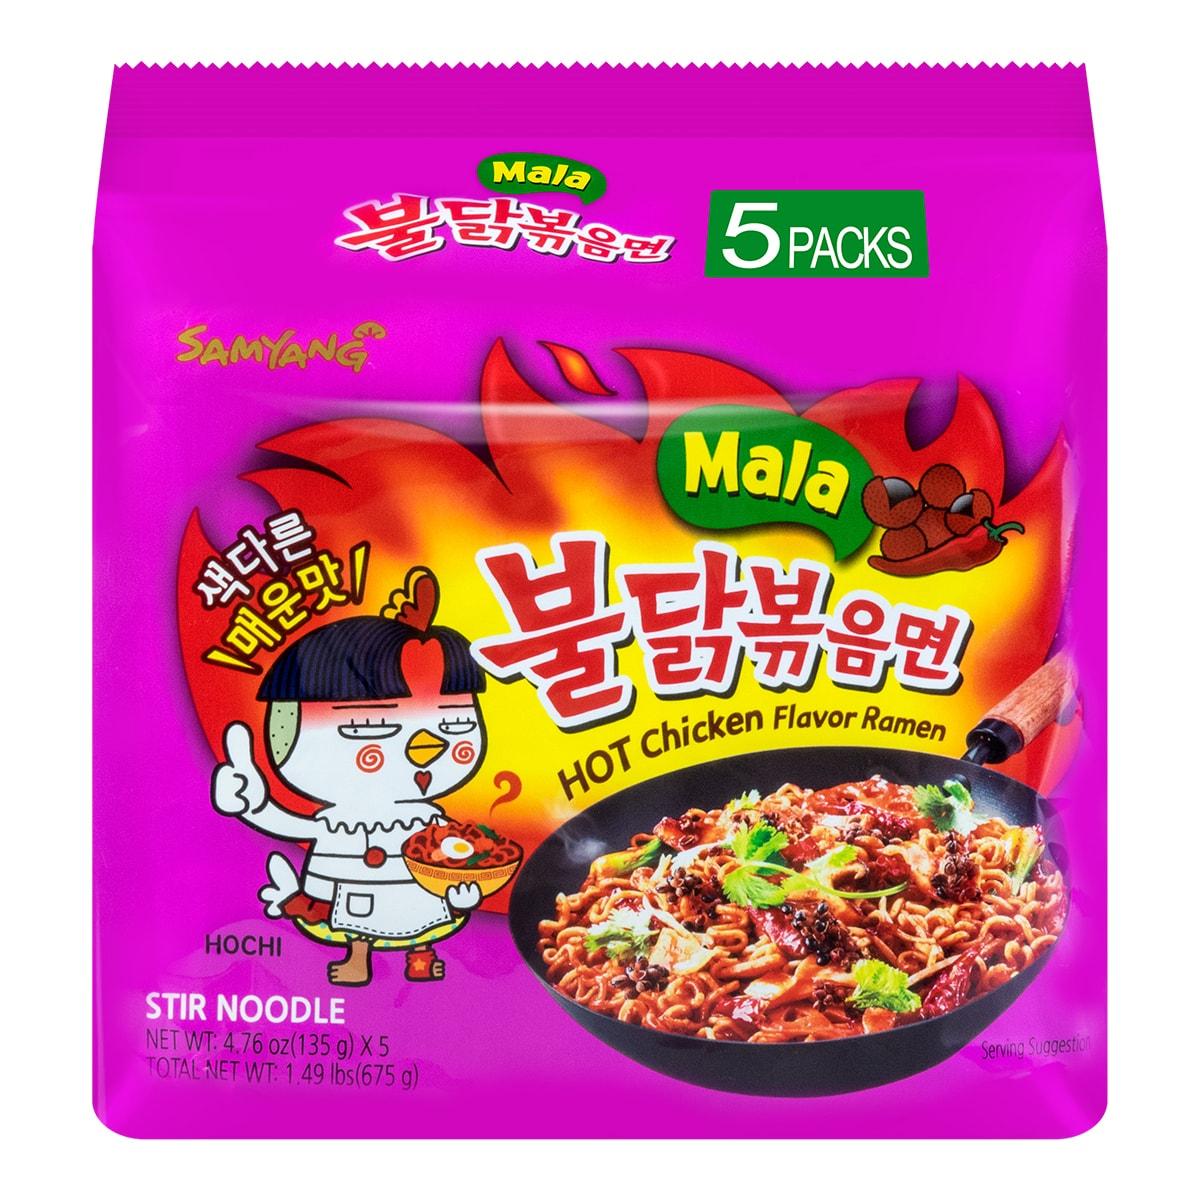 Samyang Stir-Fried Noodle Mala Flavor 675g